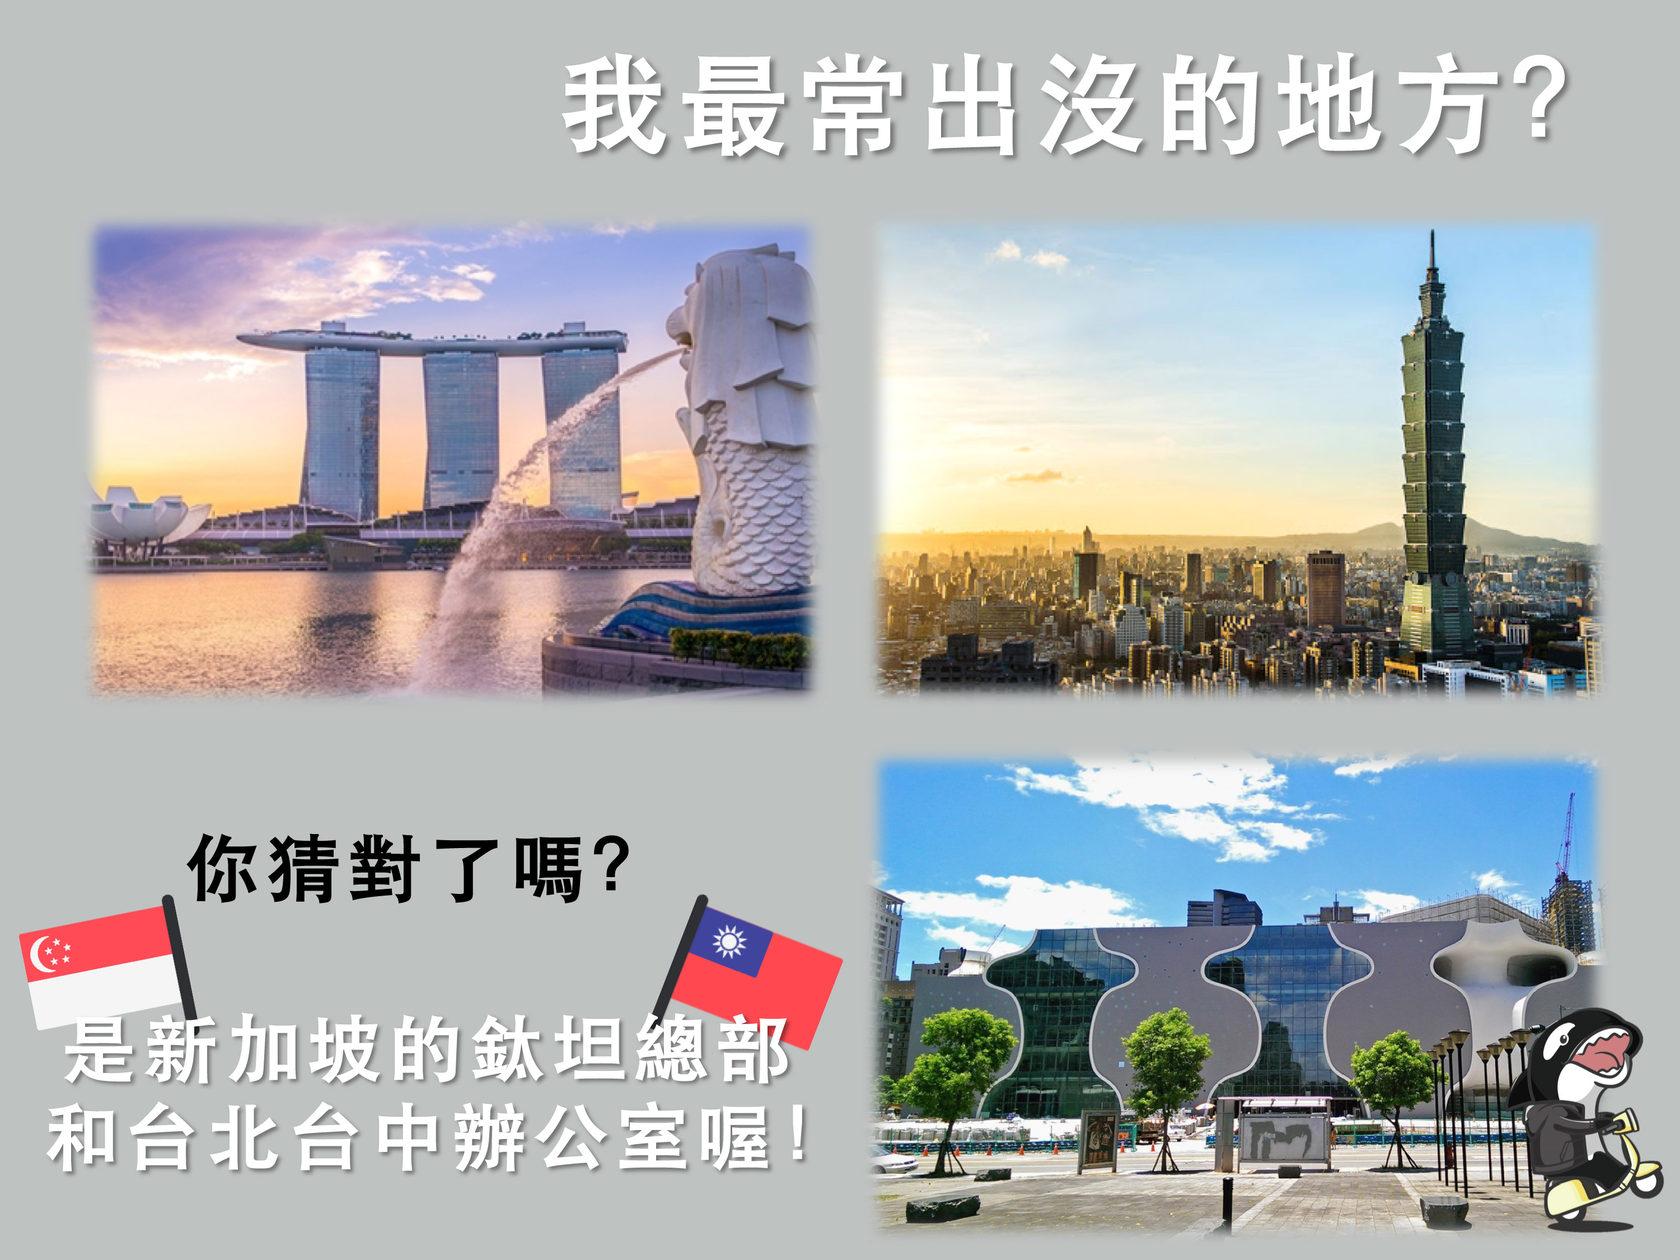 鈦坦人的家座落於台北、台中、新加坡三地,我們崇尚敏捷管理,因此打造敏捷空間,給予鈦坦人最舒適的辦公空間。